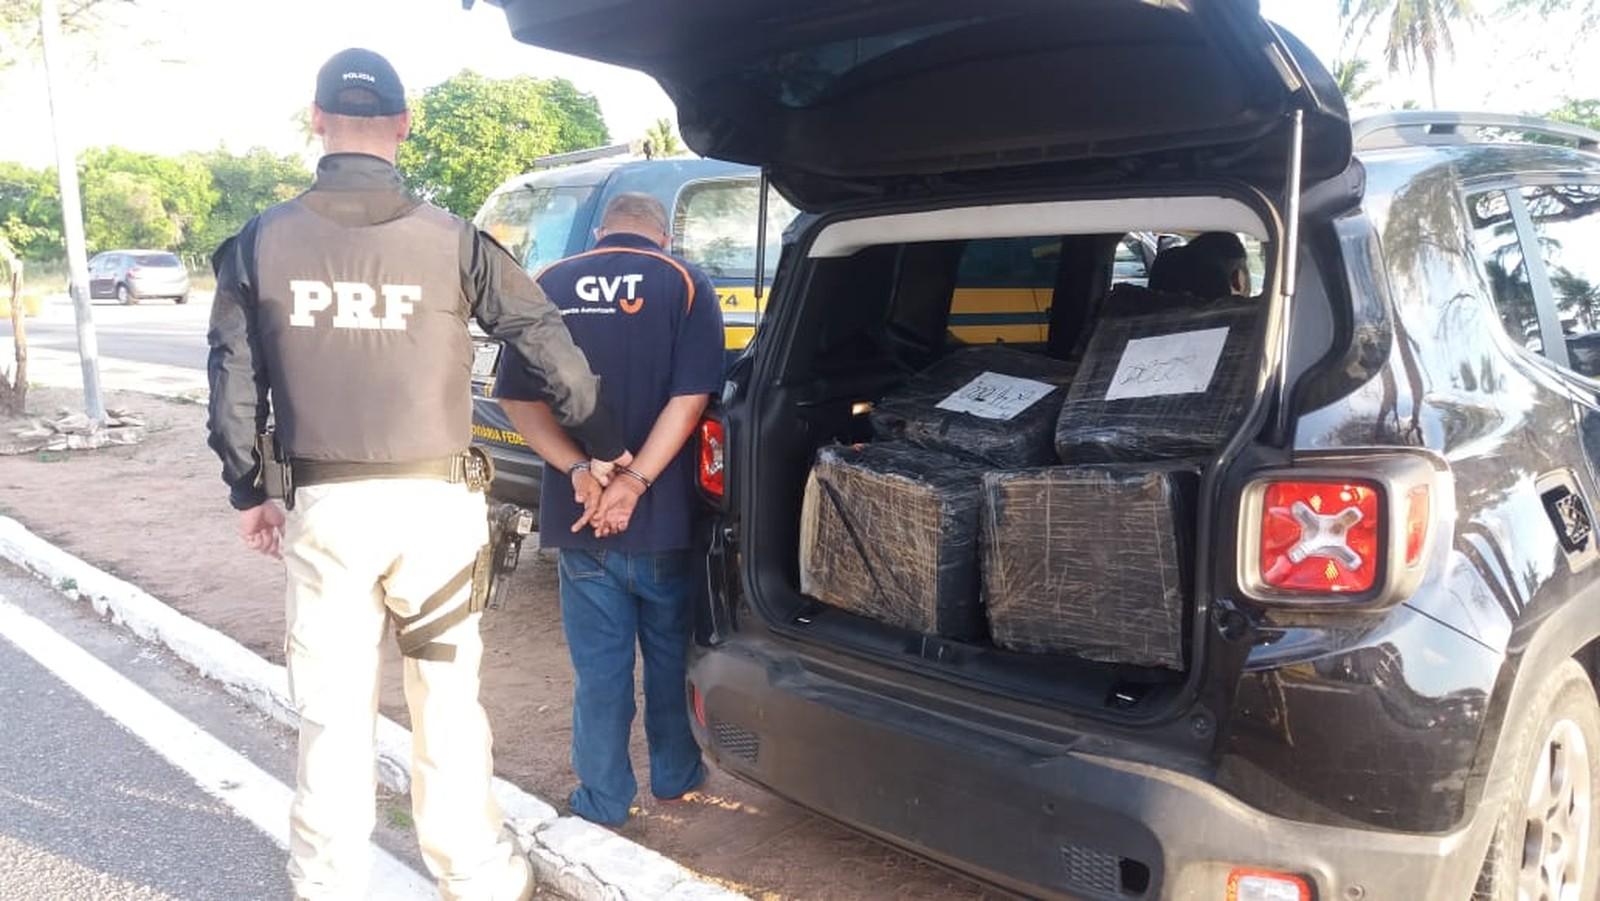 Homem é preso em Macaíba com 300 kg de maconha dentro do carro